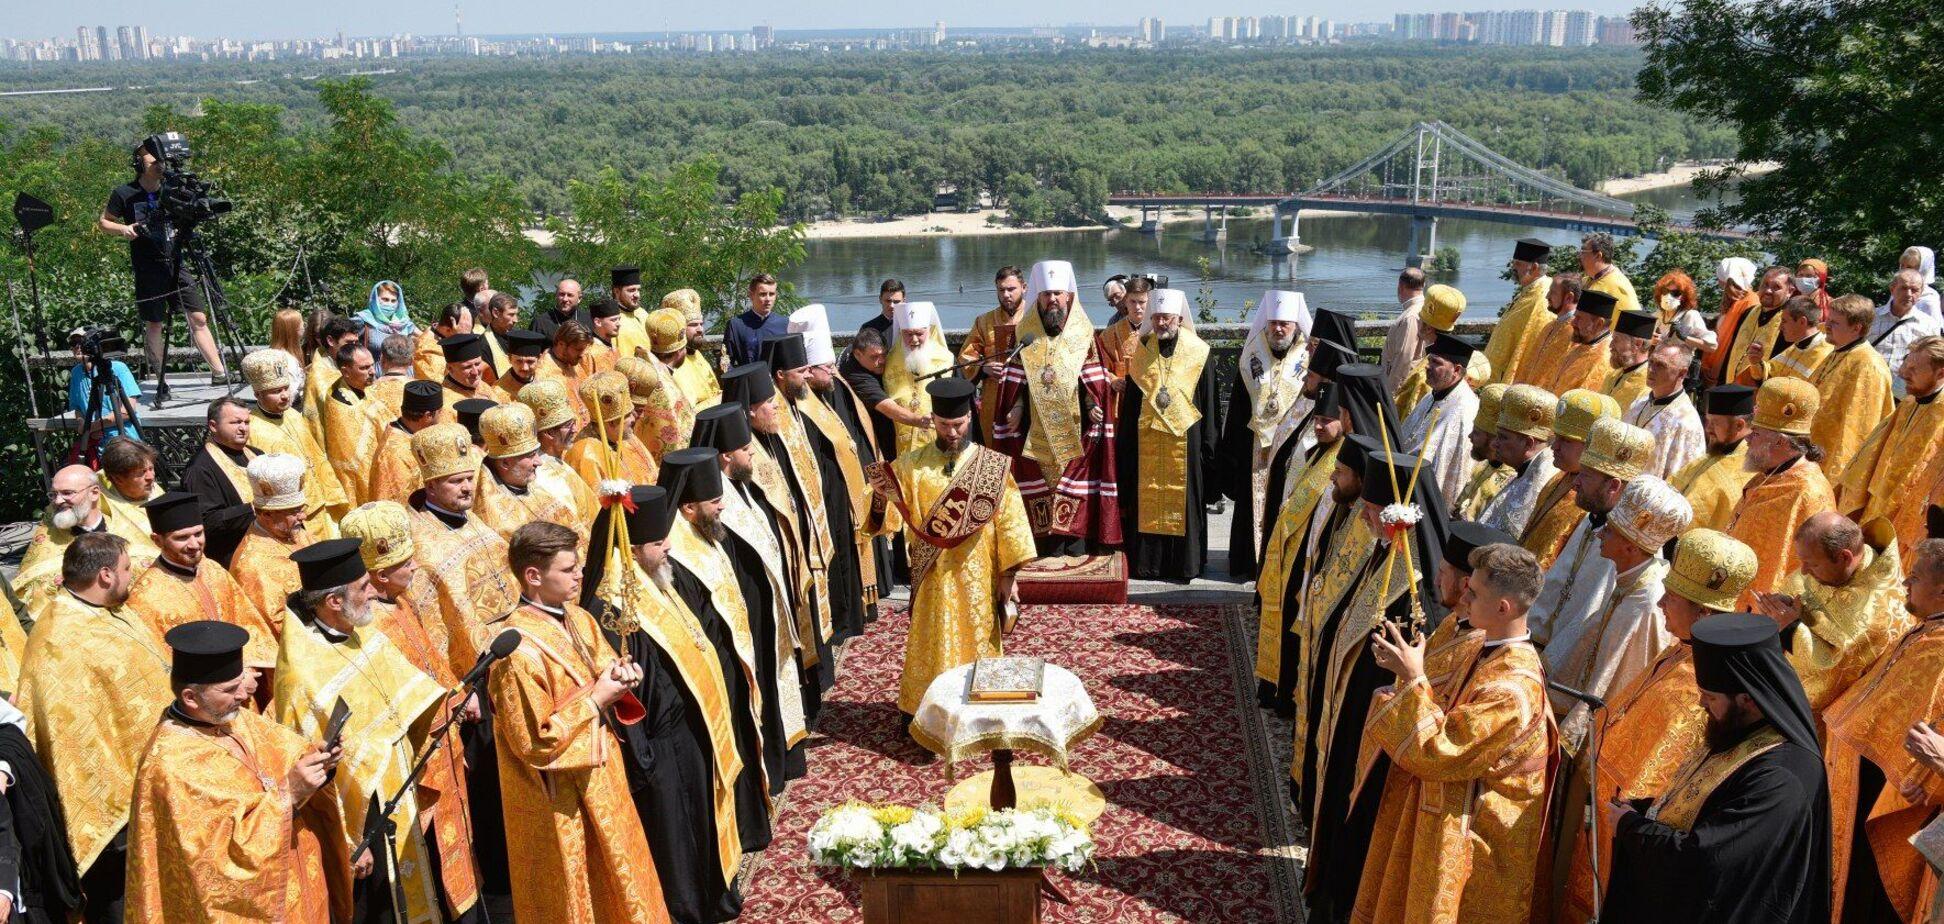 28 липня церква вшановує пам'ять князя Володимира Святославича, хрестителя Русі